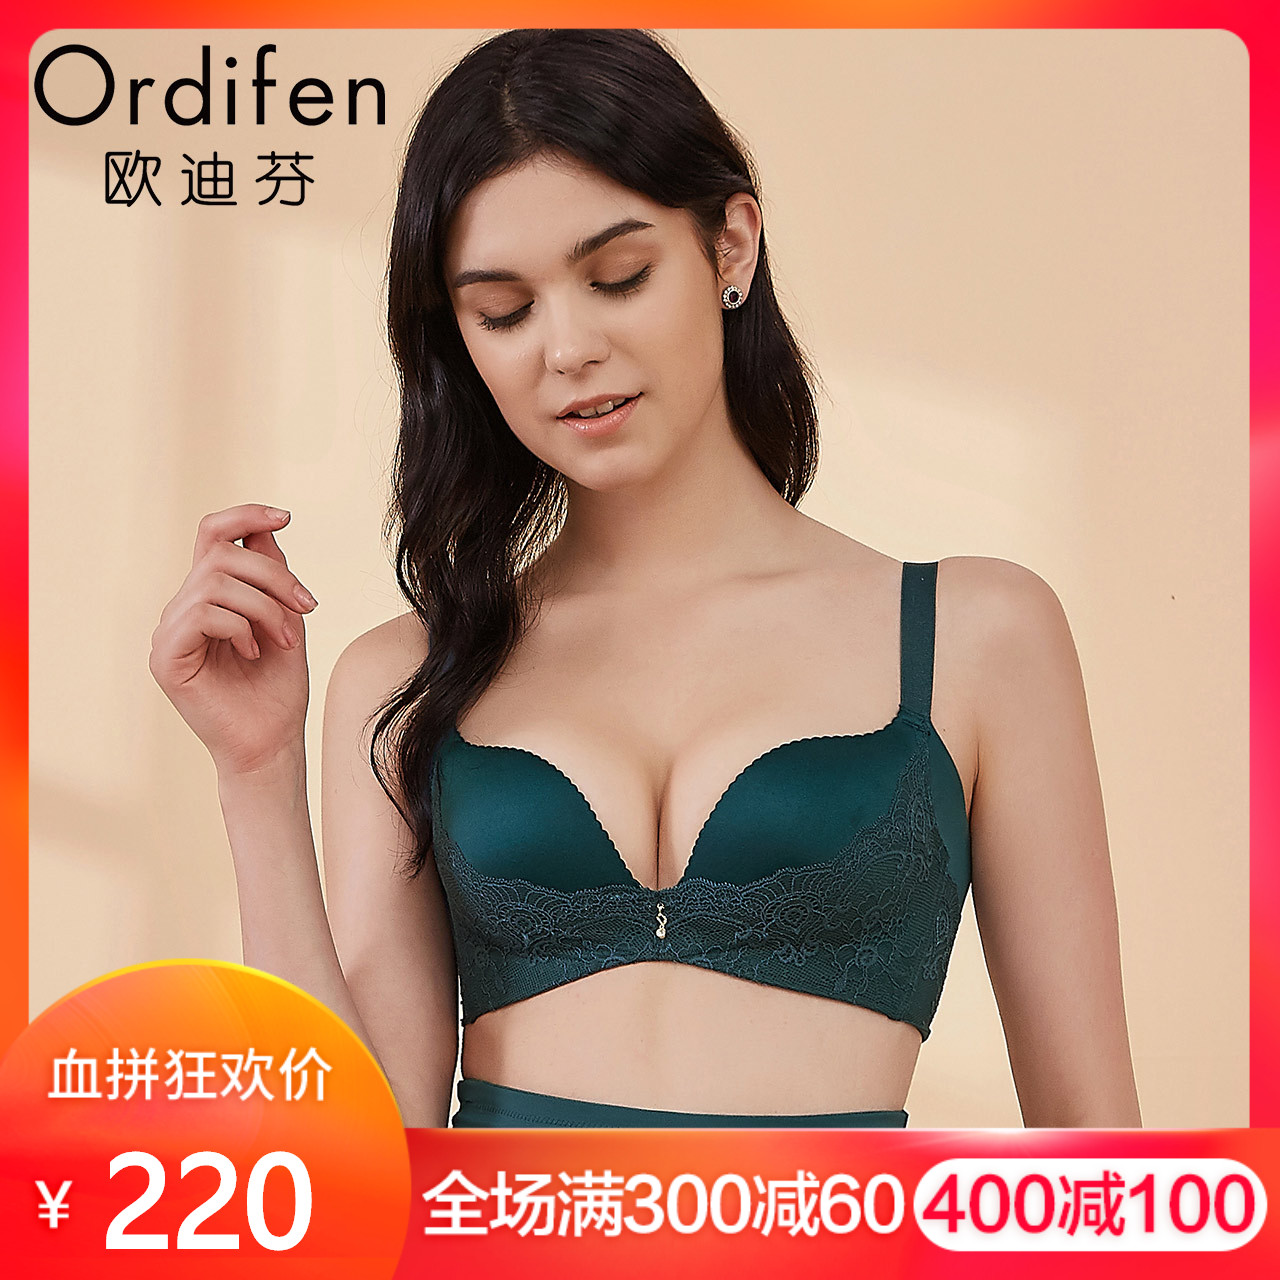 欧迪芬 光面蕾丝性感胸罩无钢圈侧收聚拢调整型文胸内衣女XJ8510Y